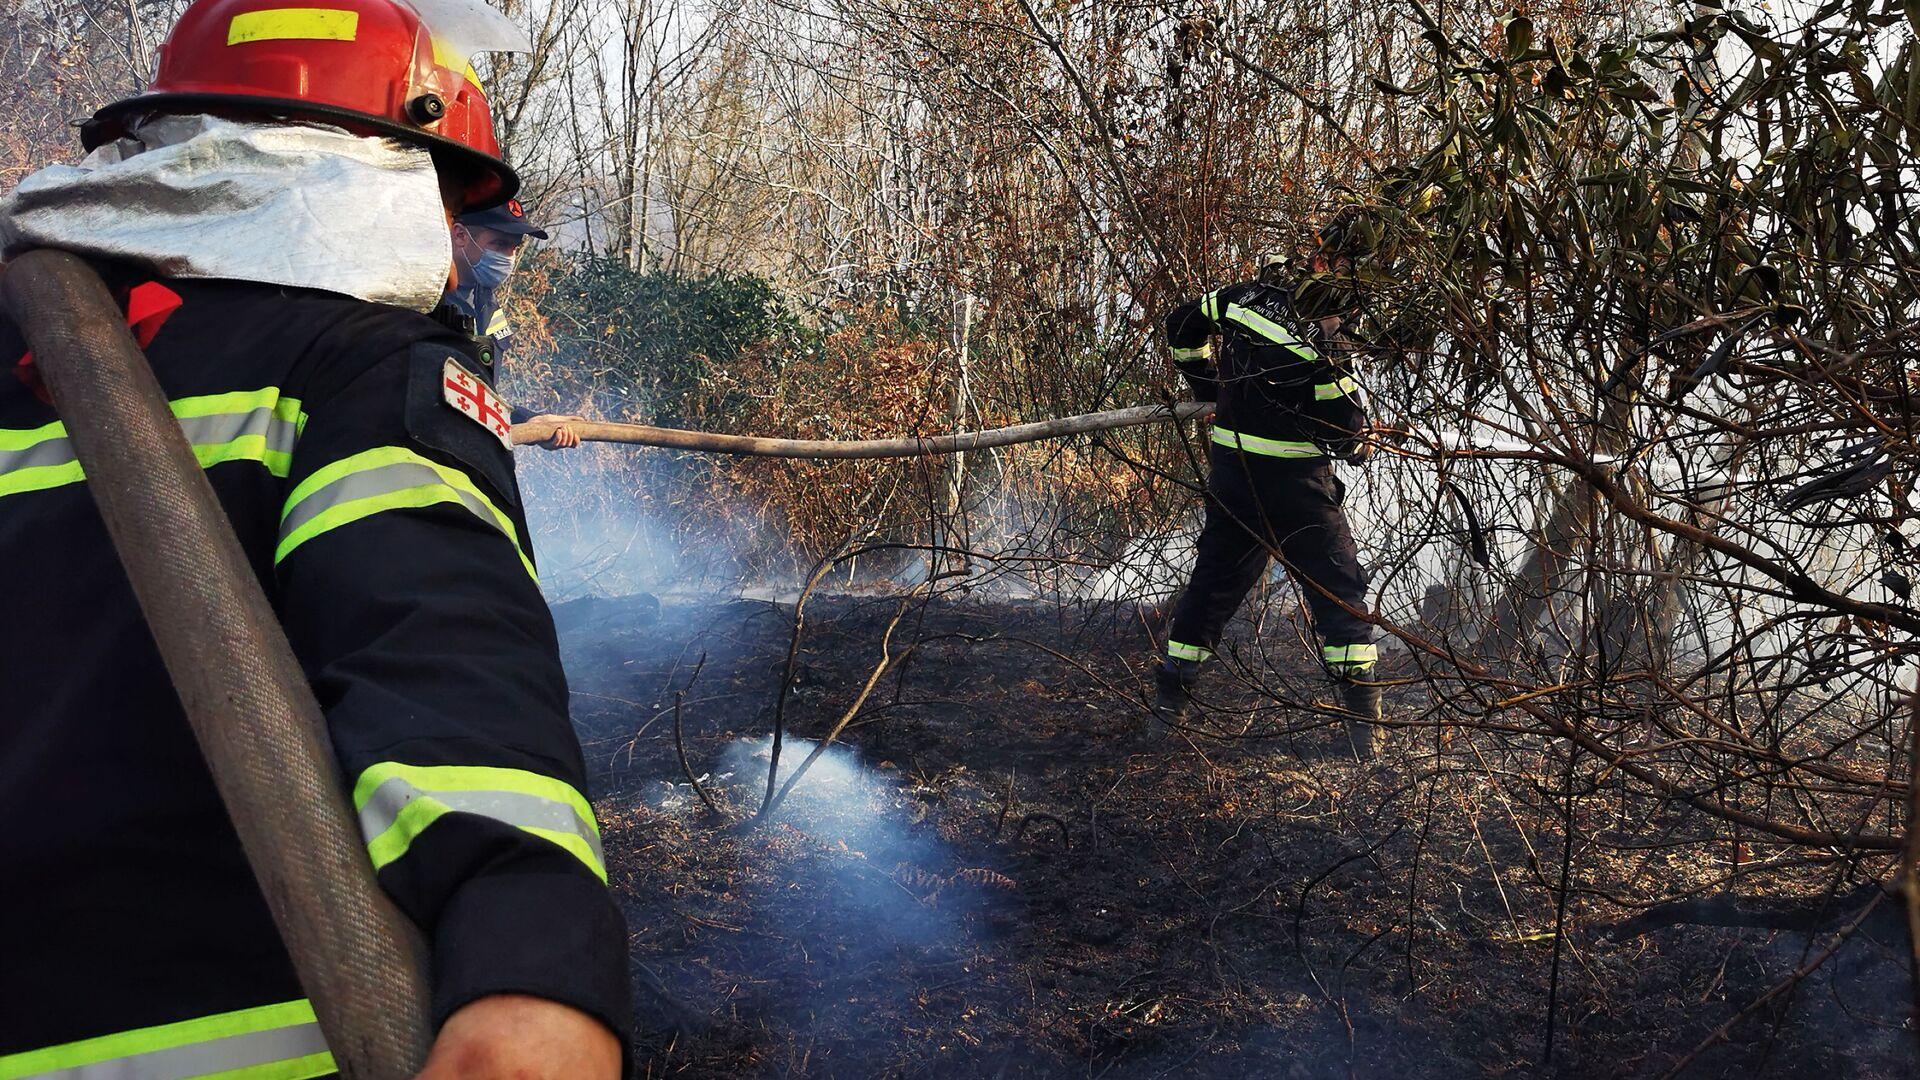 Лесные пожары в Западной Грузии. Пожарные спасатели на тушении пожара - Sputnik Грузия, 1920, 04.09.2021